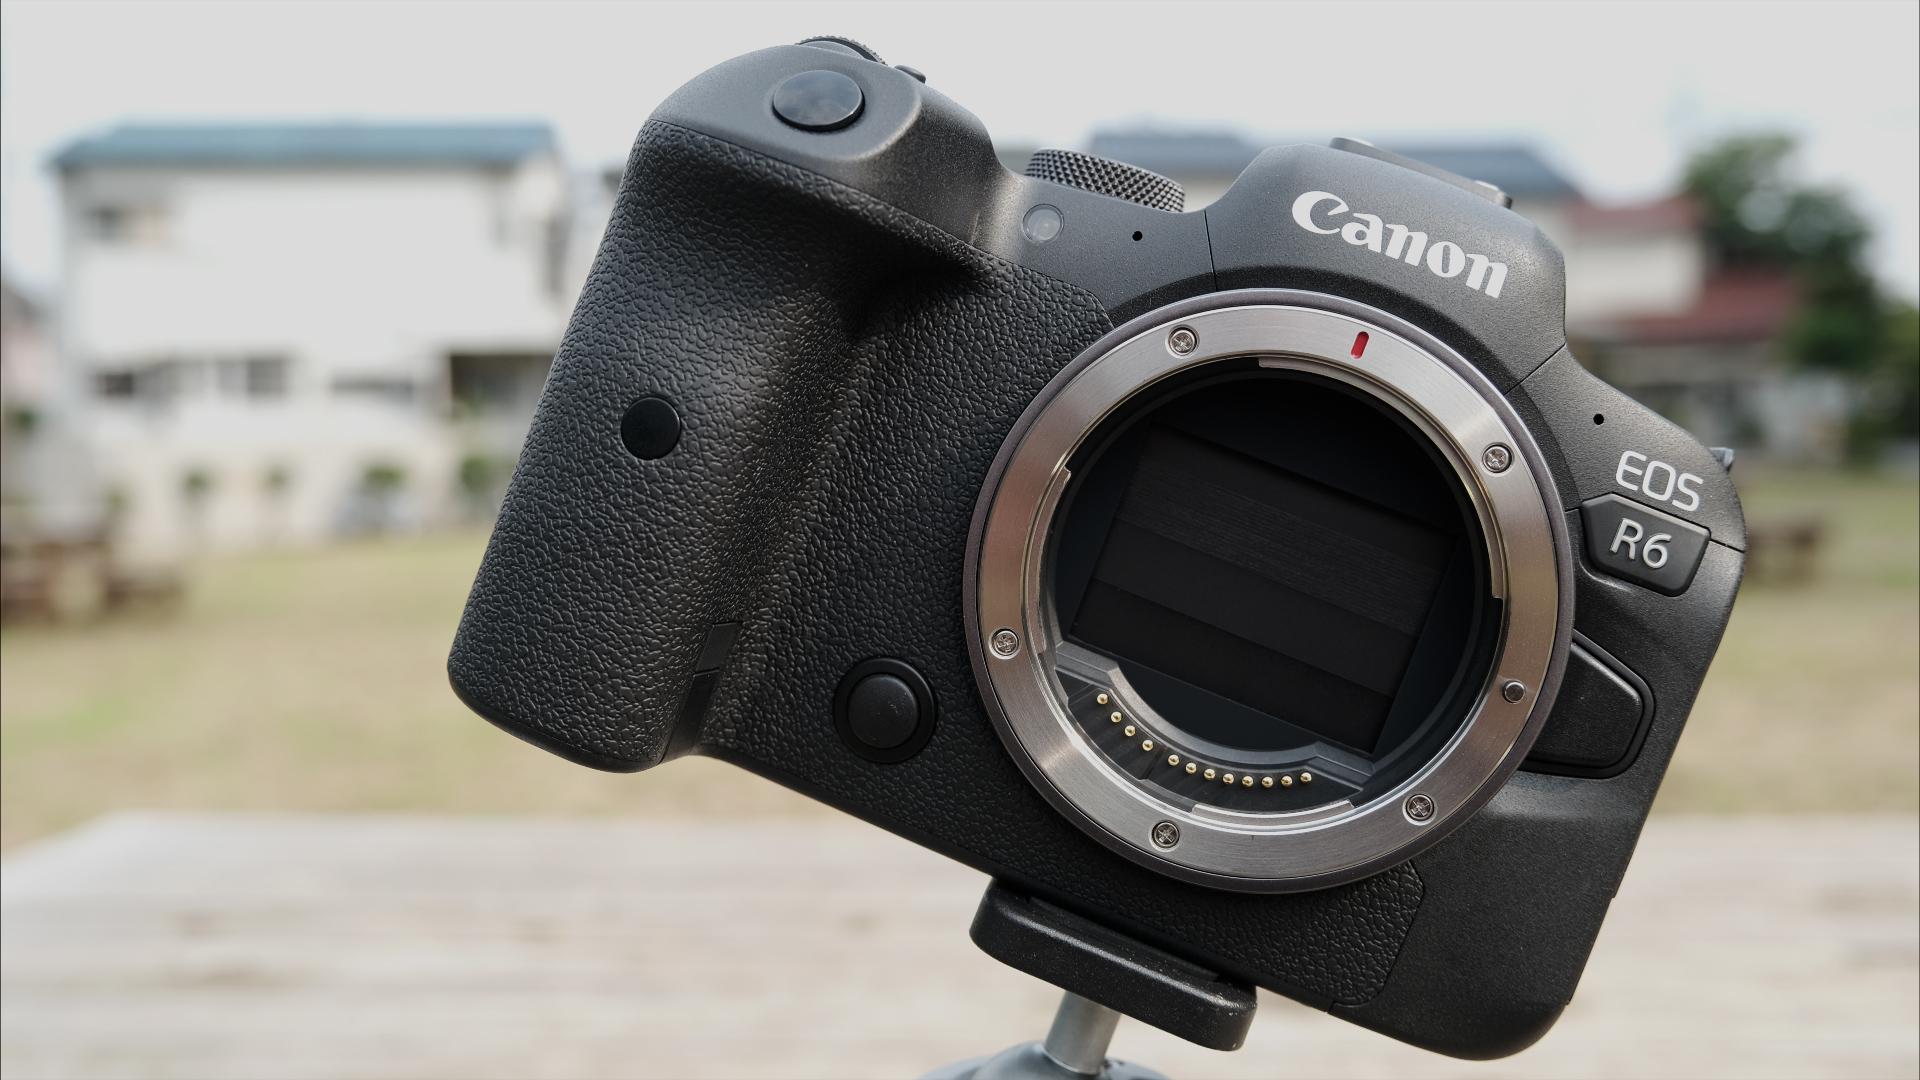 Reseña y primera impresión sobre la Canon EOS R6 junto a material de muestra- Gran limitación, dudosa herramienta de video